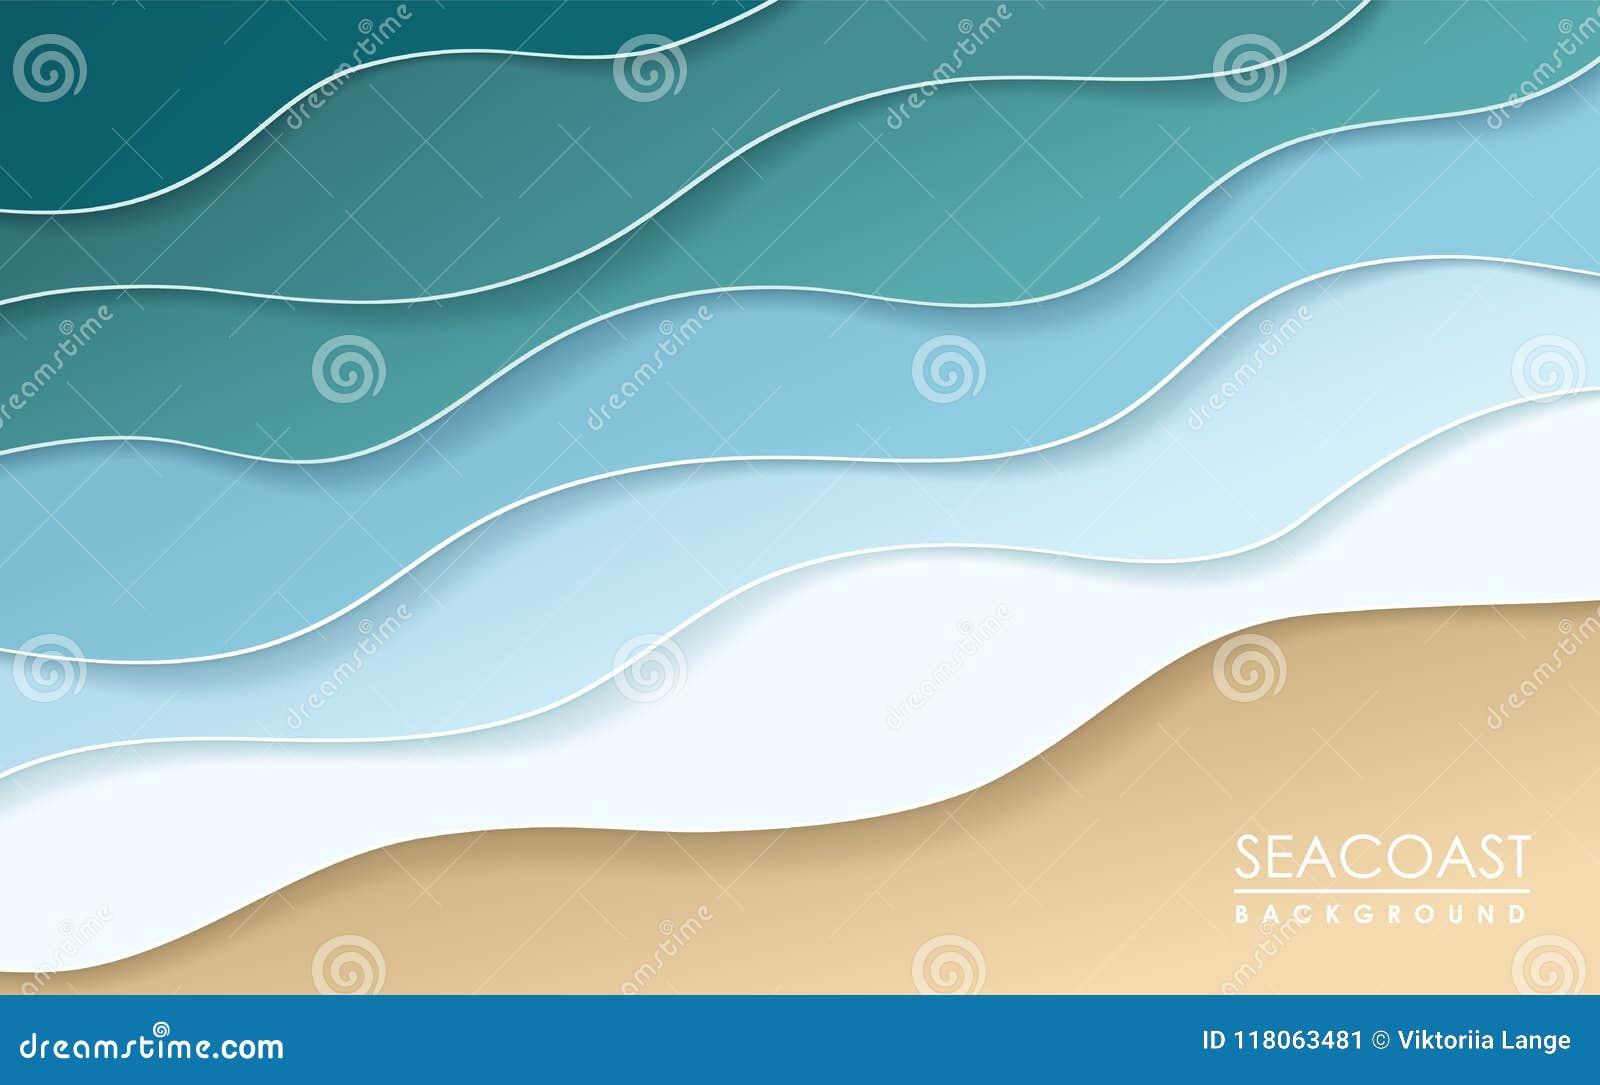 沿海origami背景 纸艺术